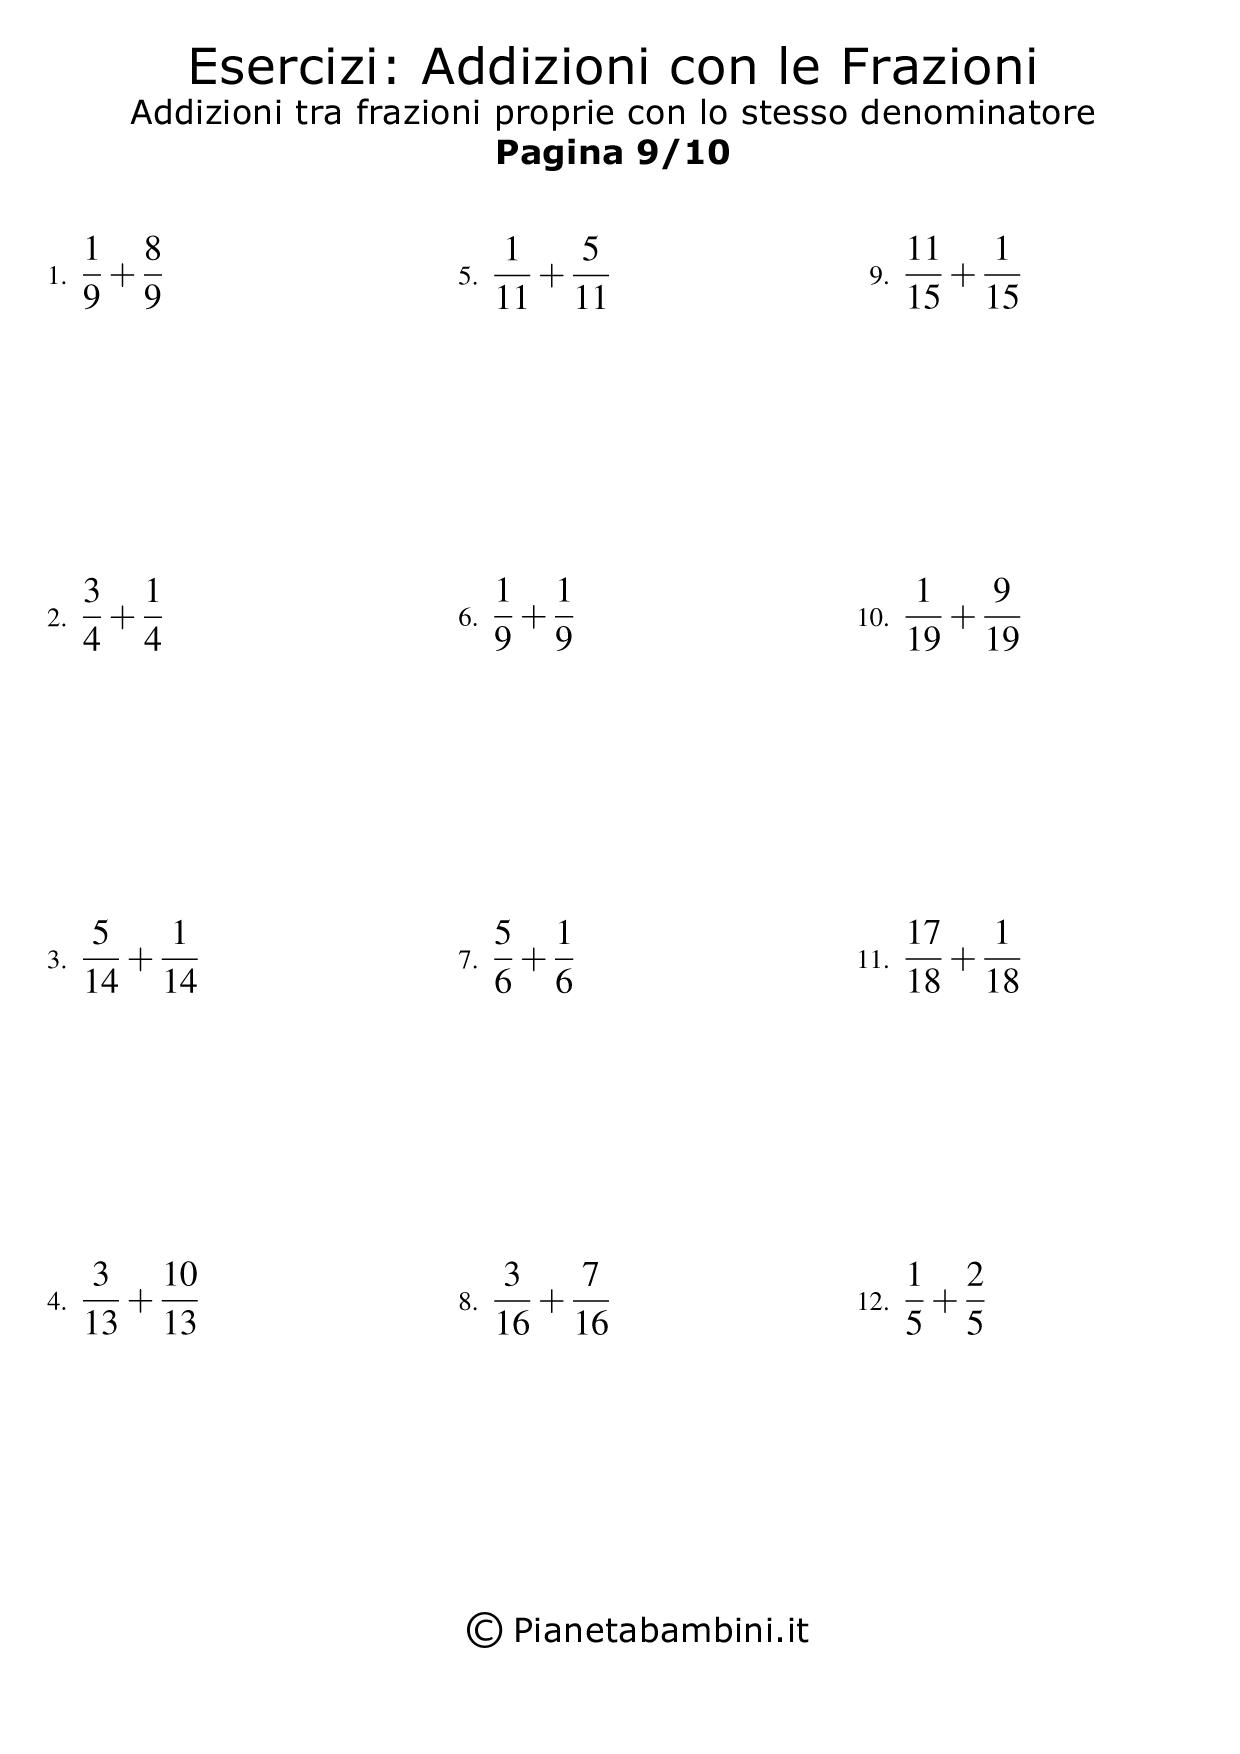 Addizioni-Frazioni-Stesso-Denominatore_09